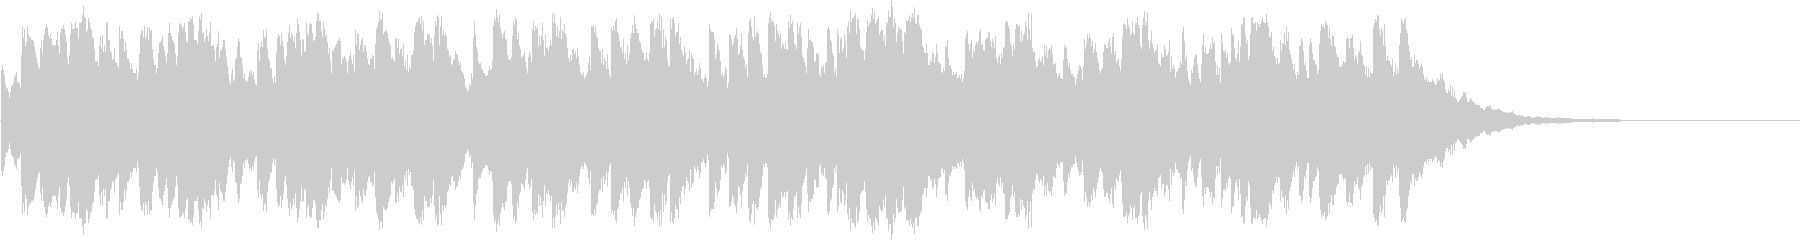 Xmasソングで人気のある曲をの未再生の波形